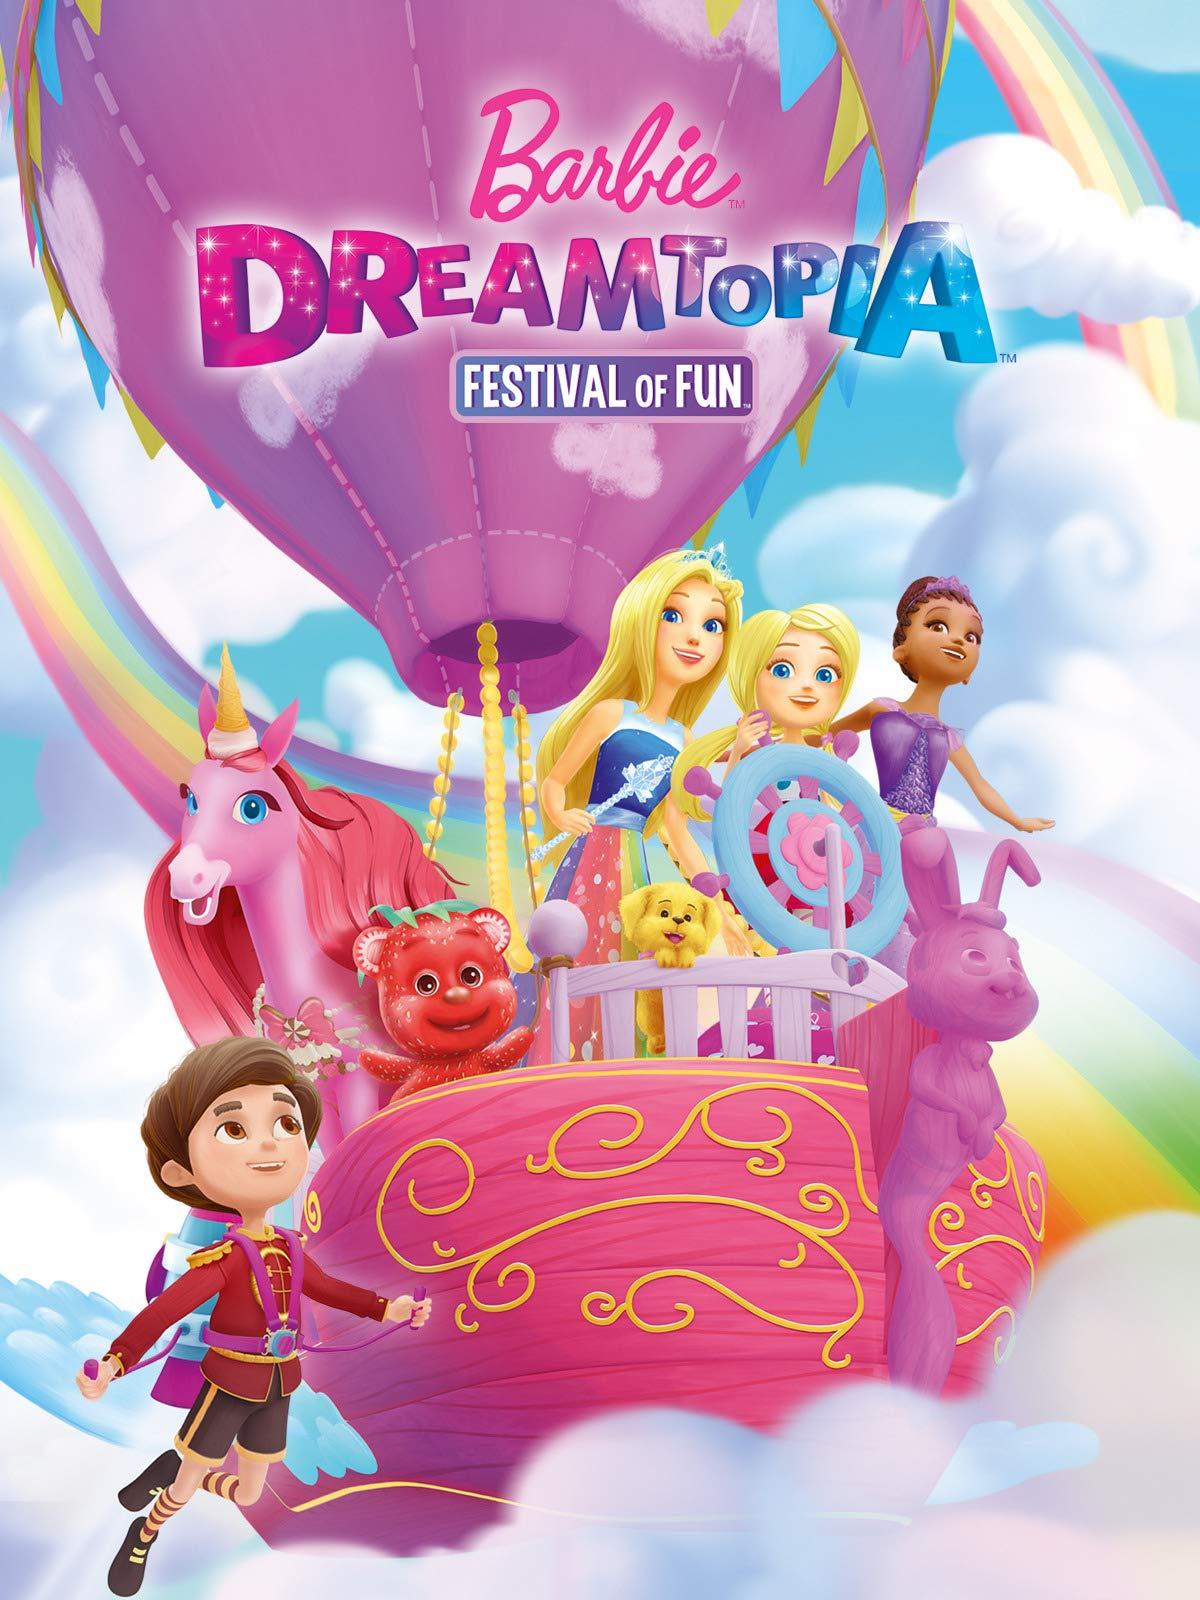 Barbie: Dreamtopia Festival of Fun